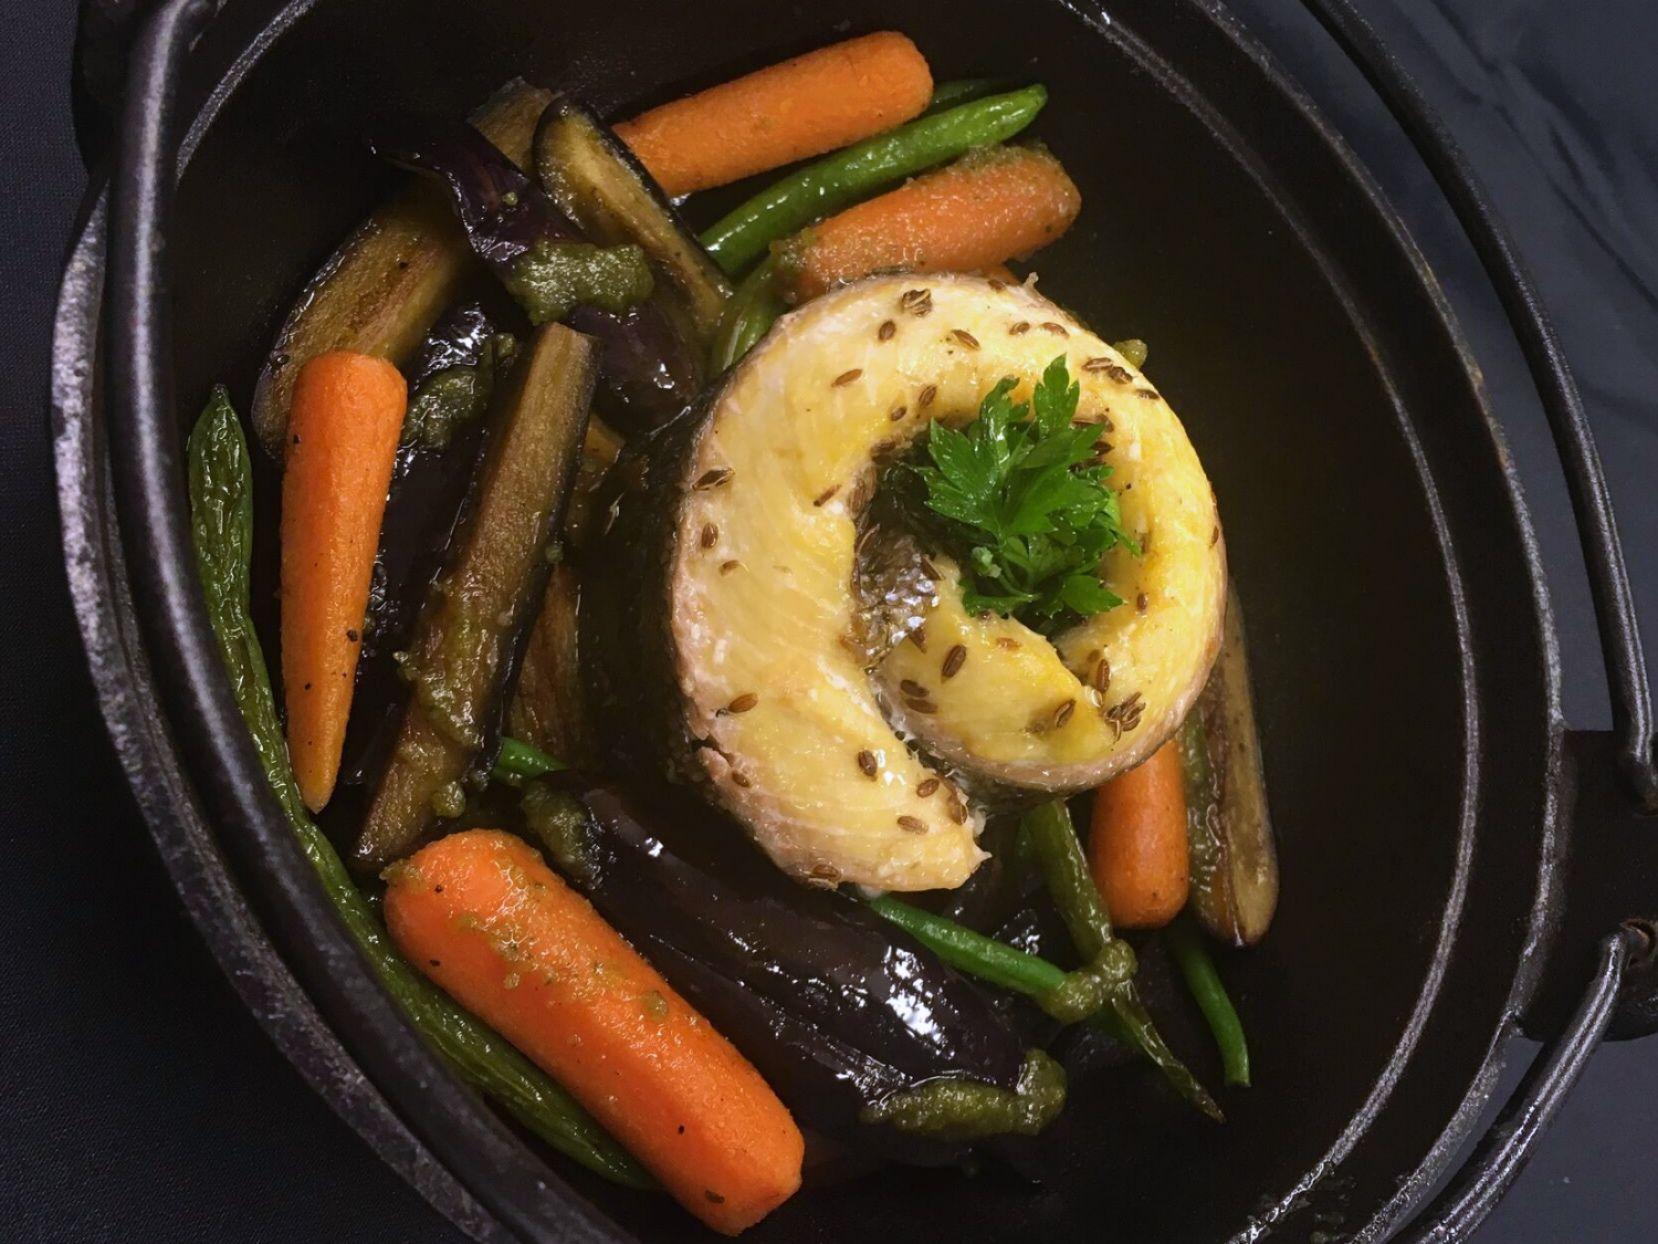 Confira a receita completa de Filé de Linguado enrolado com Legumes